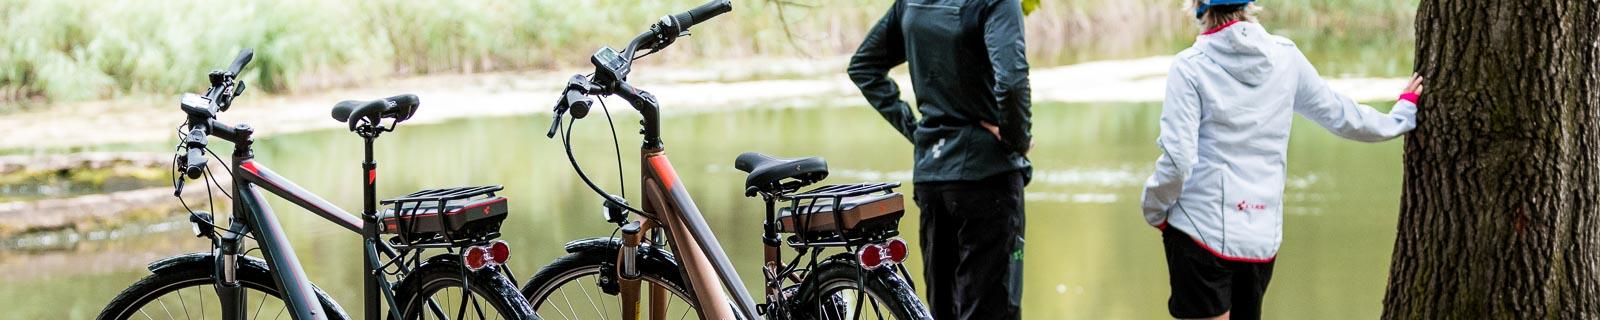 Vélos trekking électriques & vélos de ville électriques